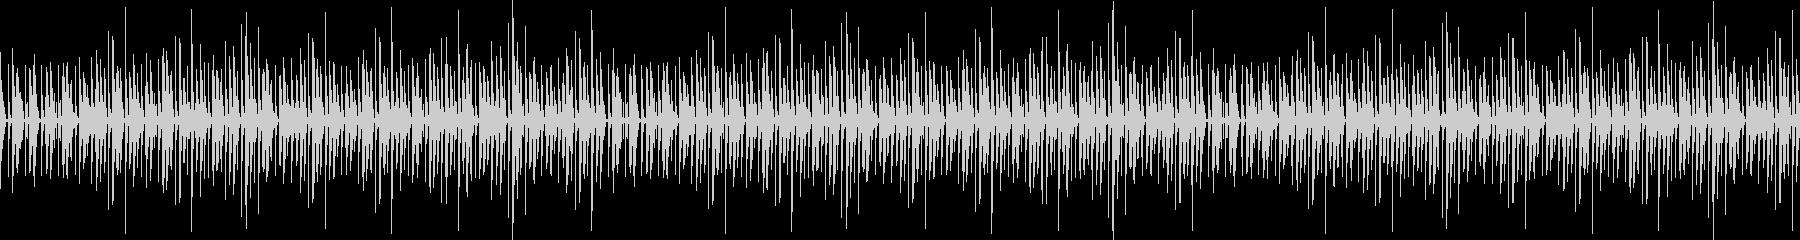 手拍子、爽やかなBGMの未再生の波形